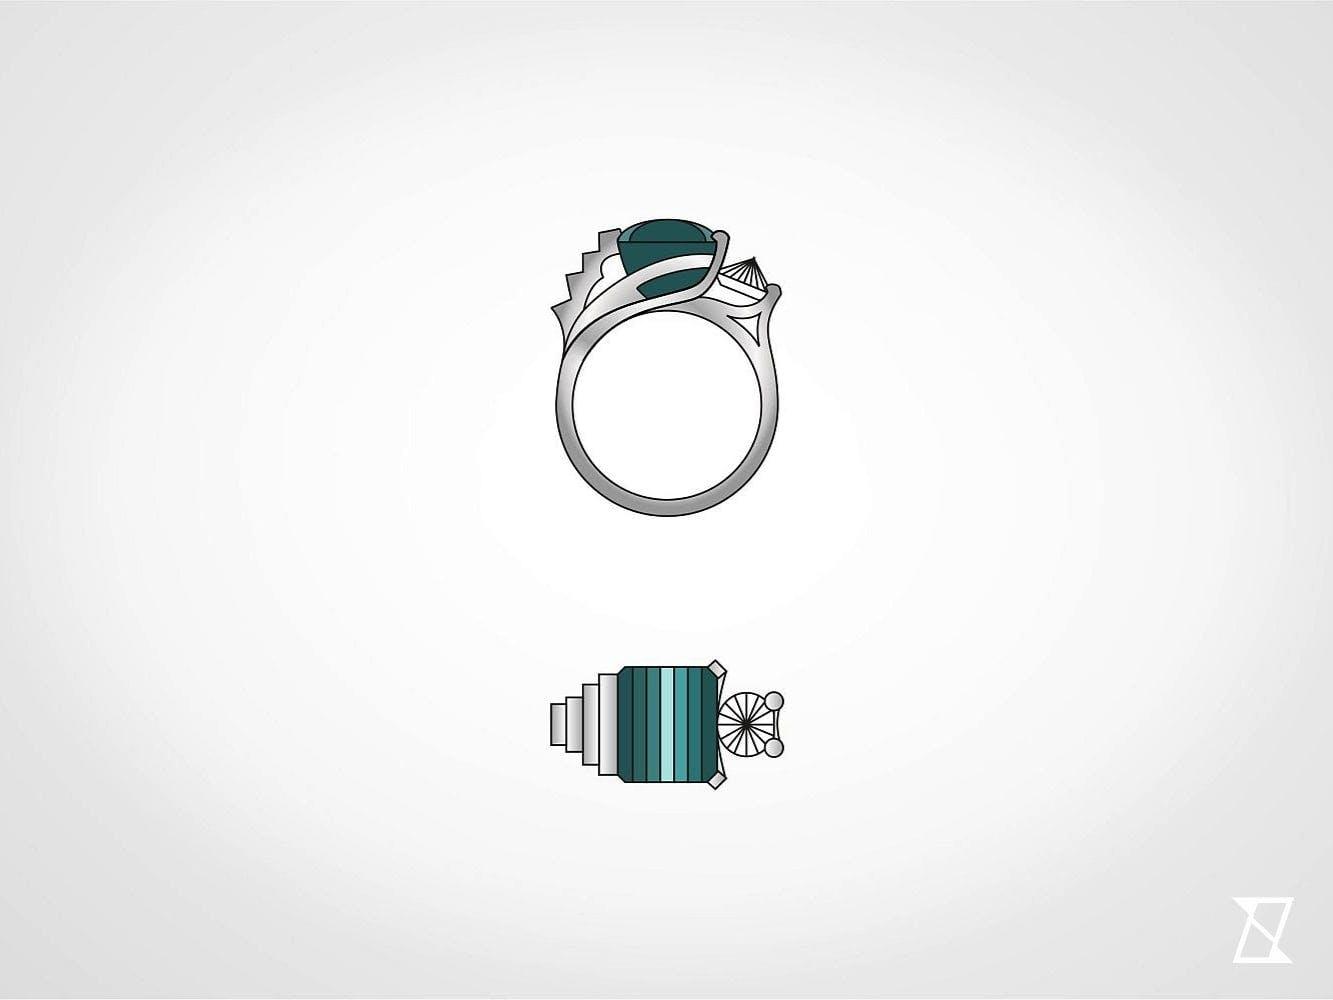 Ostateczny projekt pierścionka z architektonicznym sznytem.